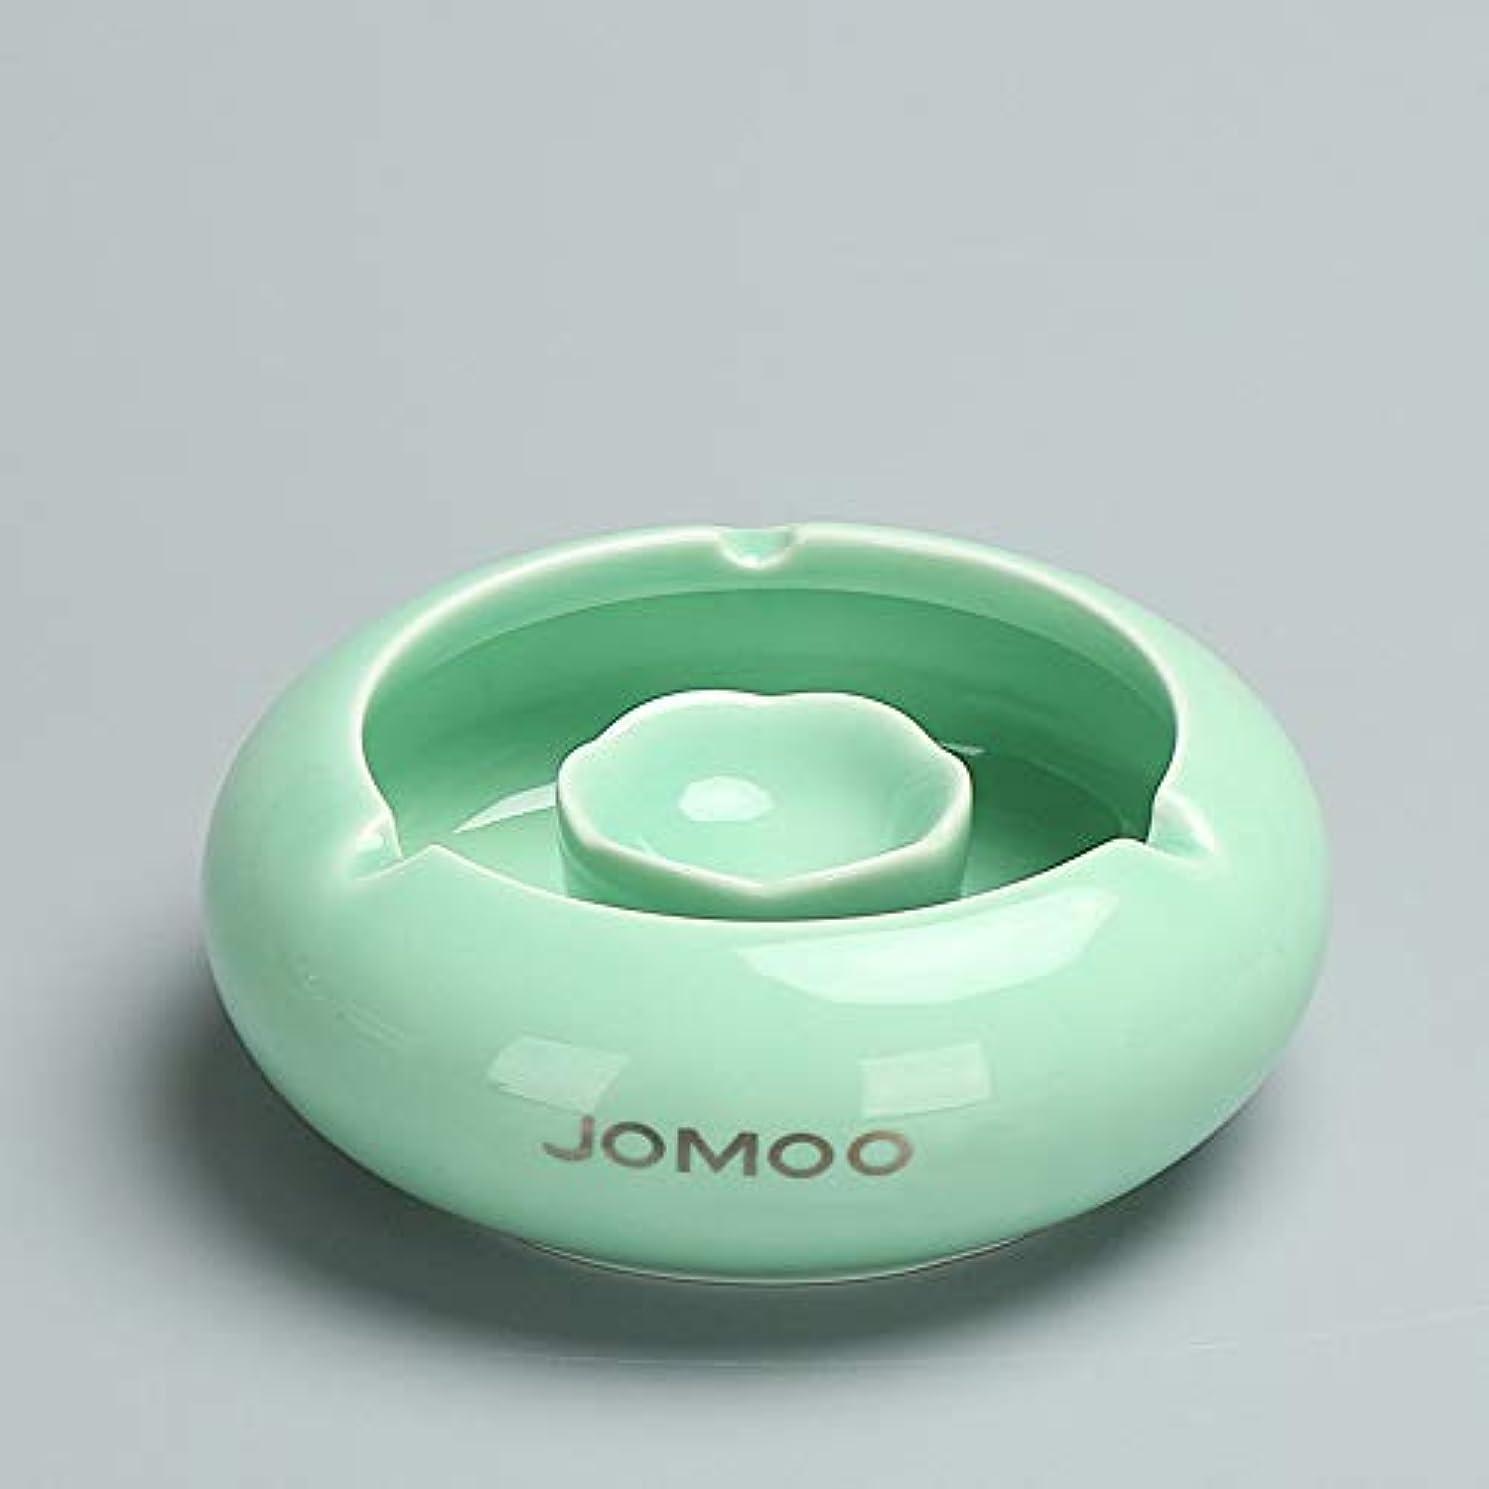 フロンティアウェーハ満了タバコ、ギフトおよび総本店の装飾のための灰皿円形の光沢のあるセラミック灰皿 (色 : 緑)